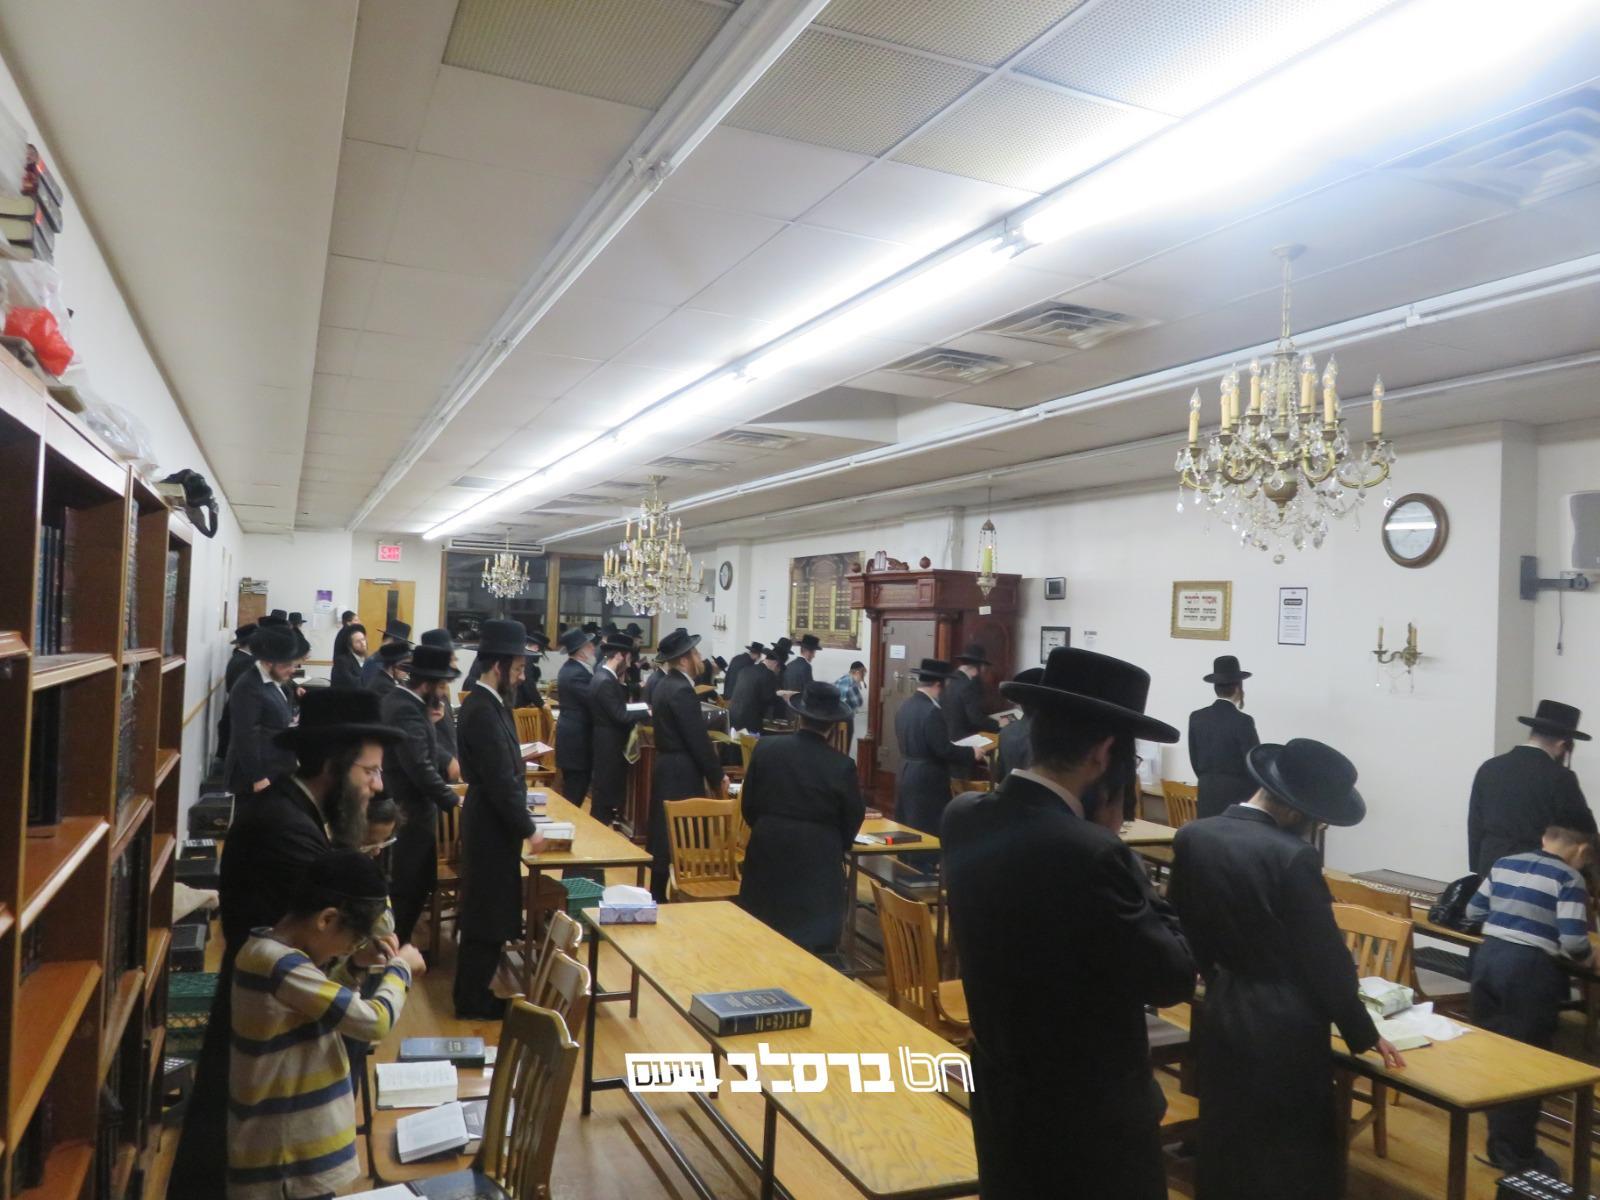 ווילאמסבורג: עַל שֶׁבֶר בַּת-עַמִּי • אמירת הקינות בליל תשעה באב בבית הכנסת ברסלב 306 ראדליטש • צפו